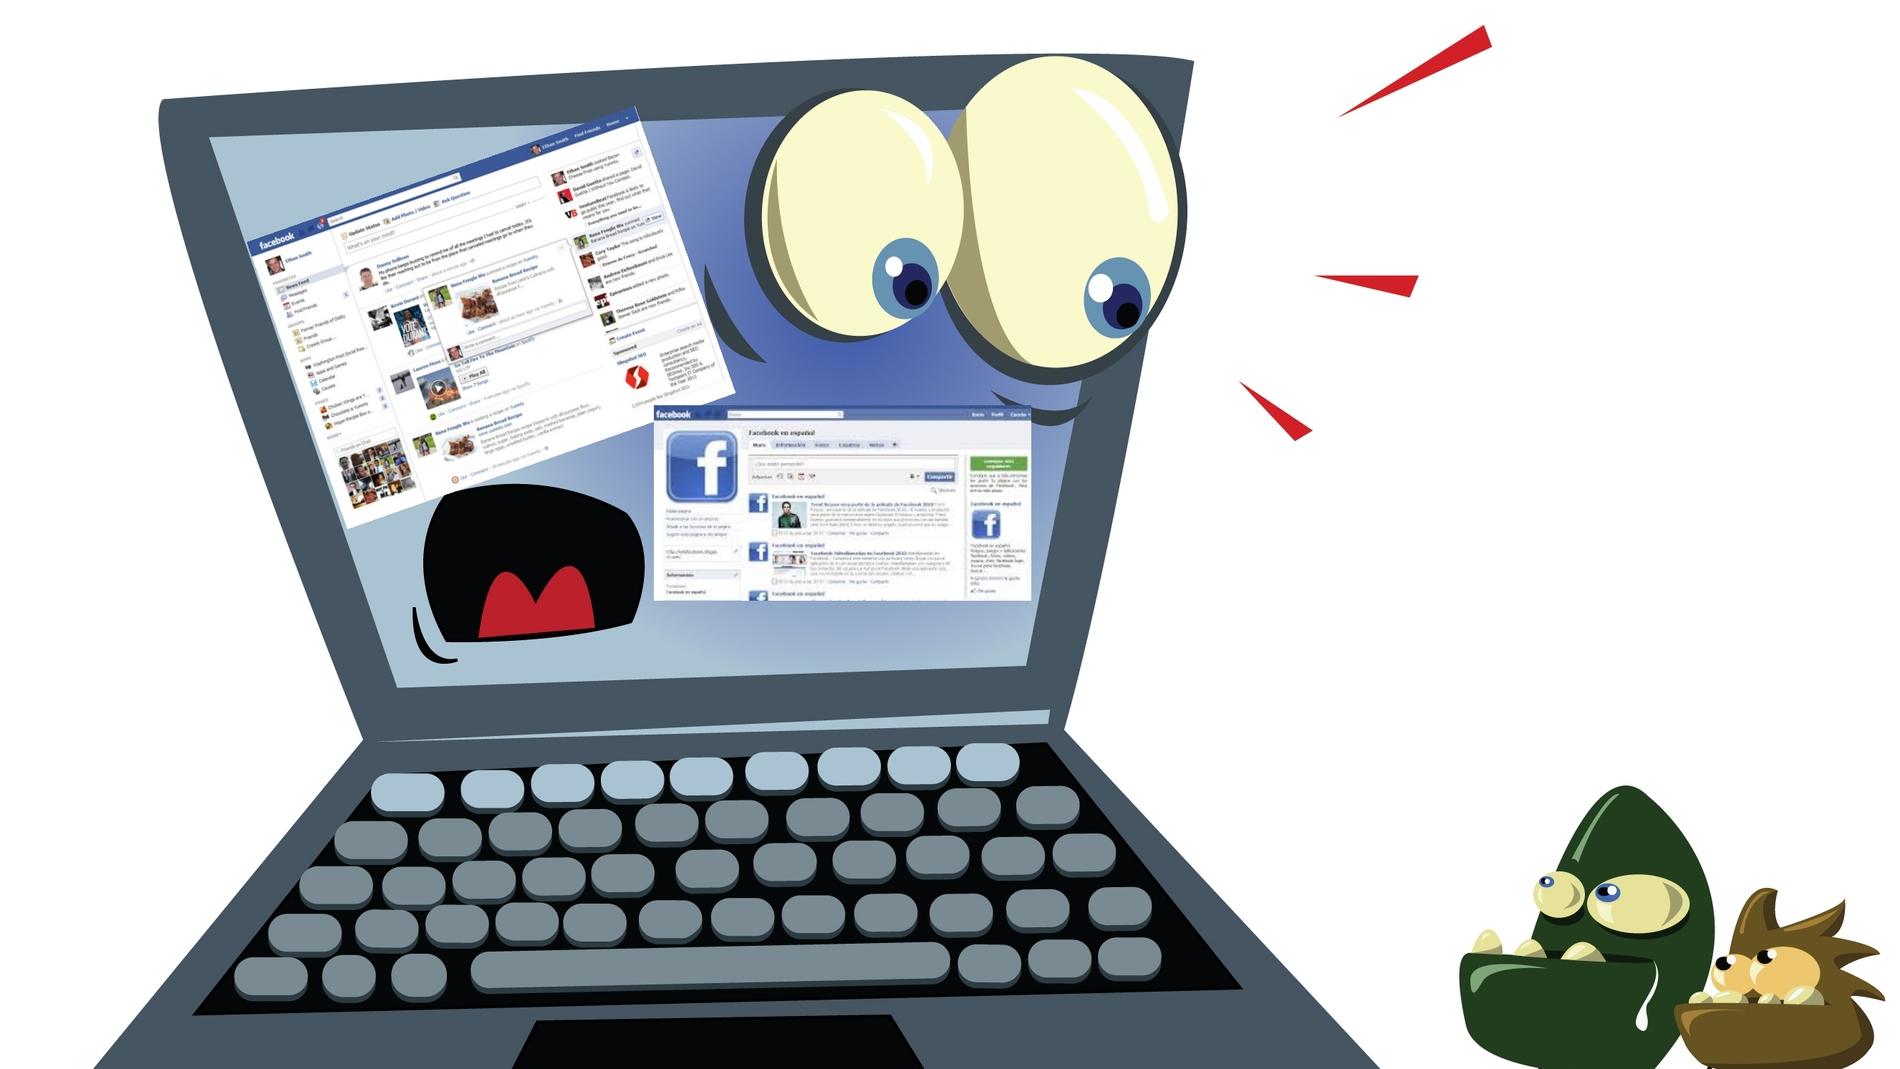 Cuidado con los virus de Facebook